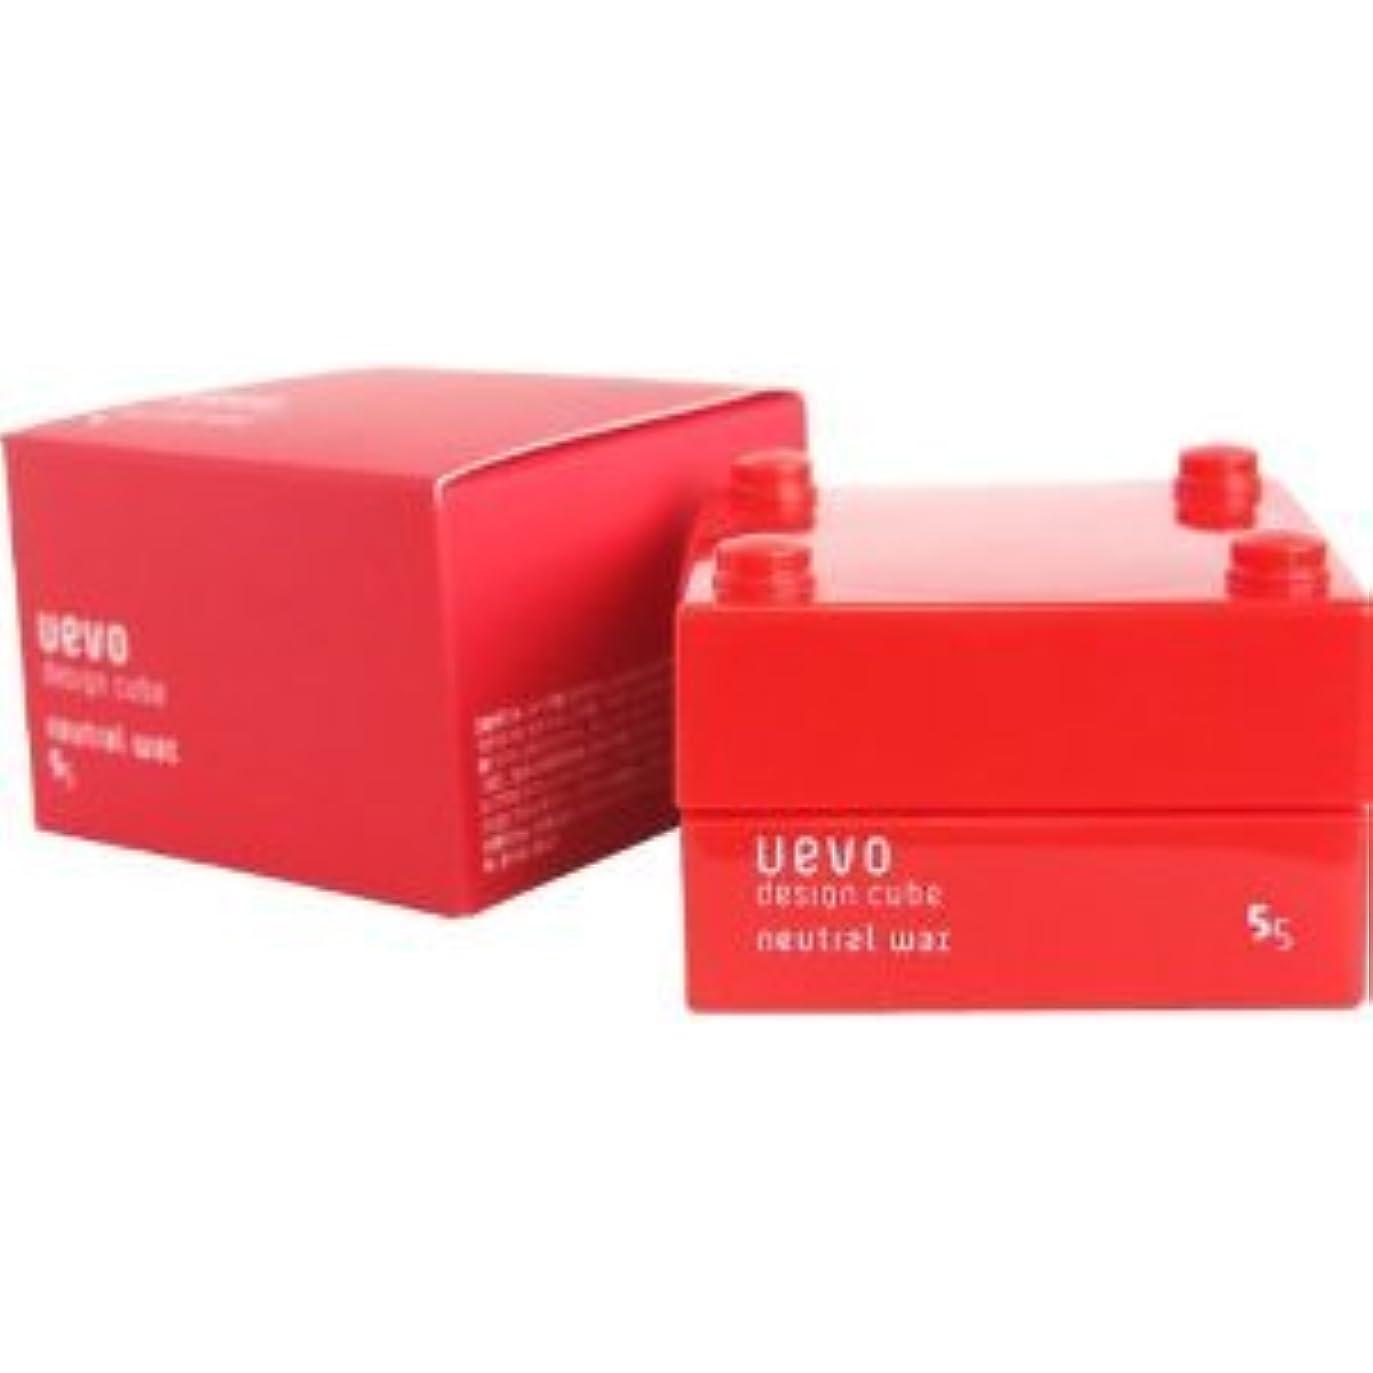 災難致命的な順応性のある【X2個セット】 デミ ウェーボ デザインキューブ ニュートラルワックス 30g neutral wax DEMI uevo design cube